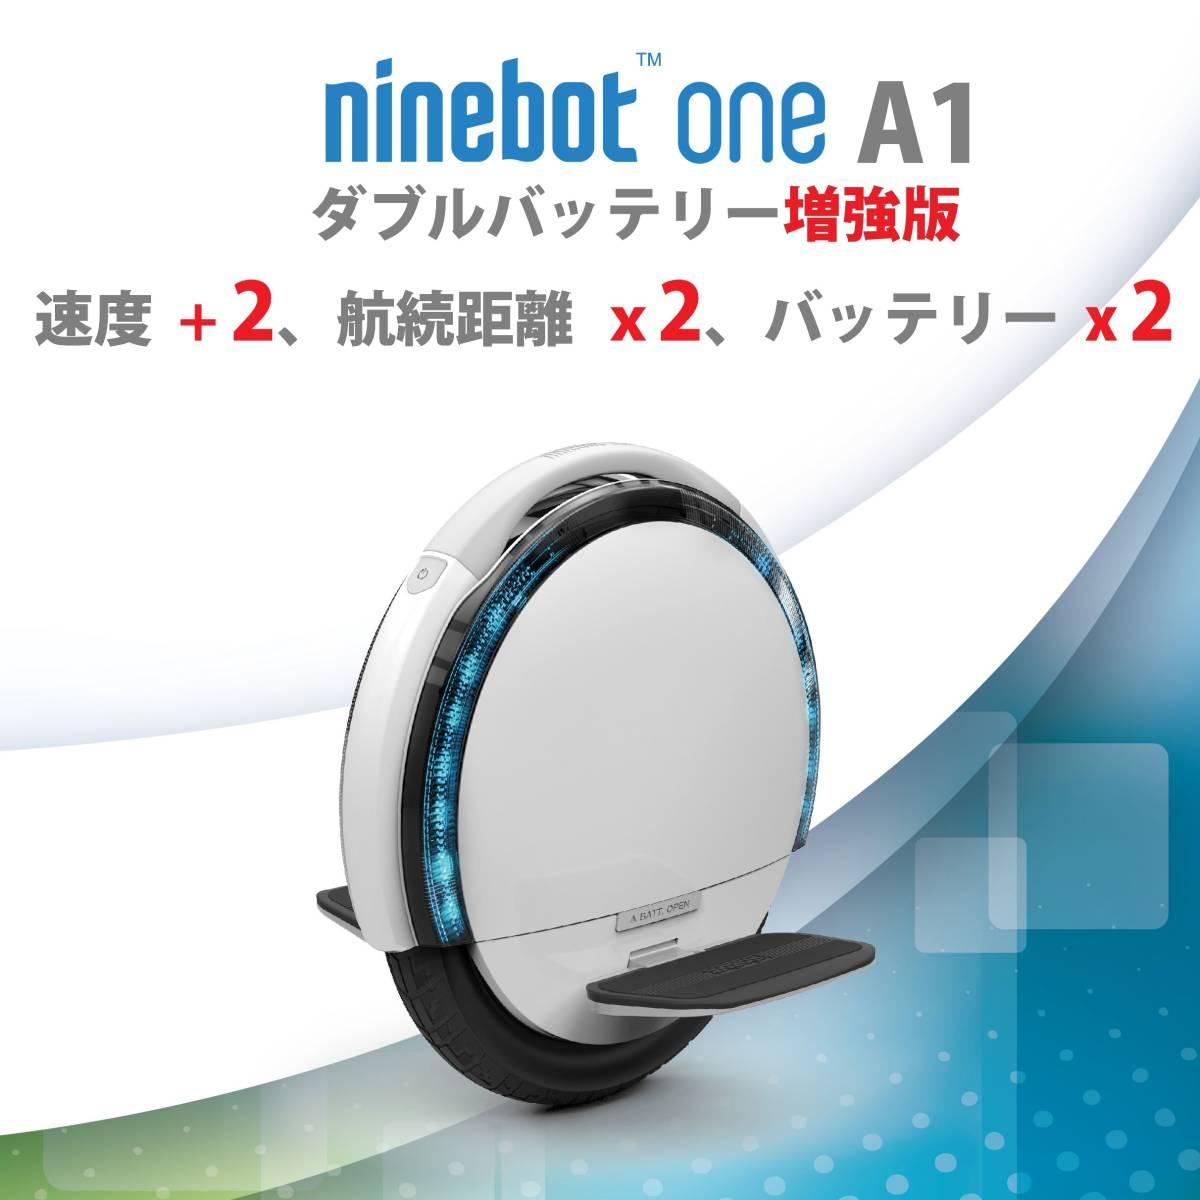 【2018増強版・バッテリー2倍】Ninebot One A1 ナインボット ダブルバッテリー増強版 電動一輪車 セグウェイ_画像8